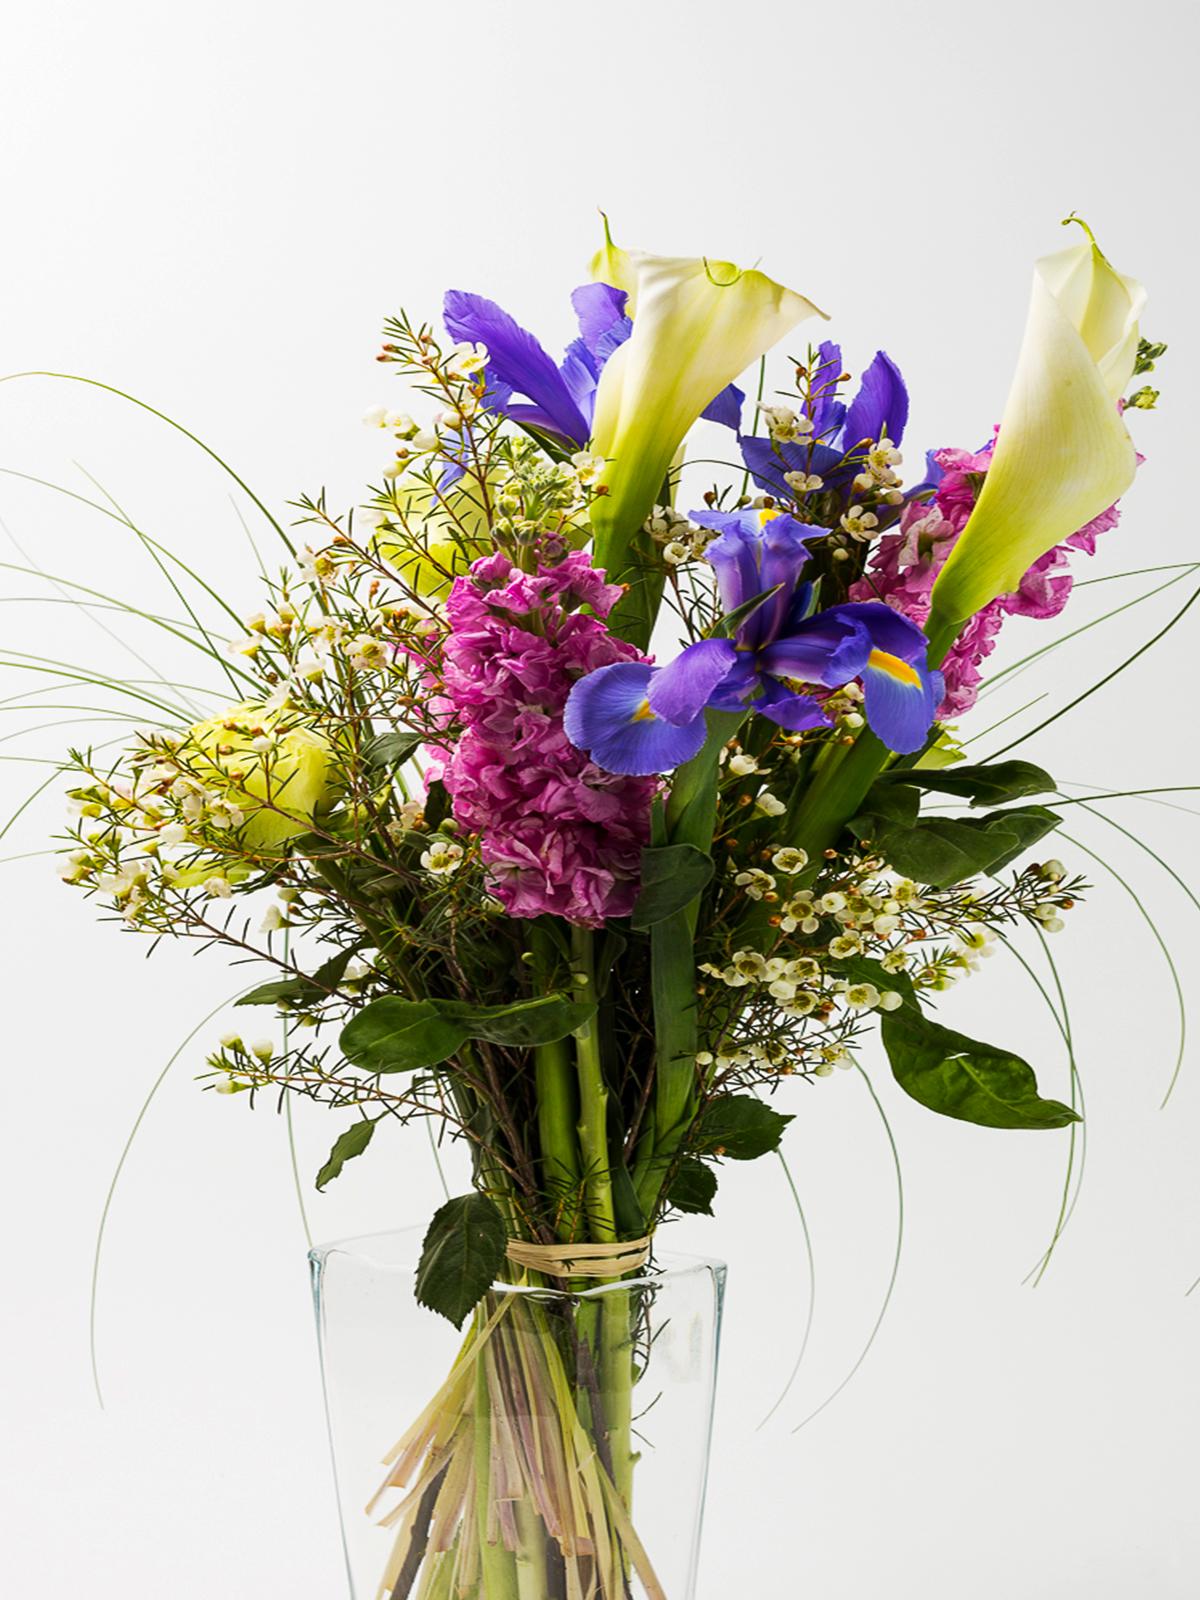 Mazzo di fiori a gambo lungo capoverde uno spazio da - Immagini di fiori tedeschi ...